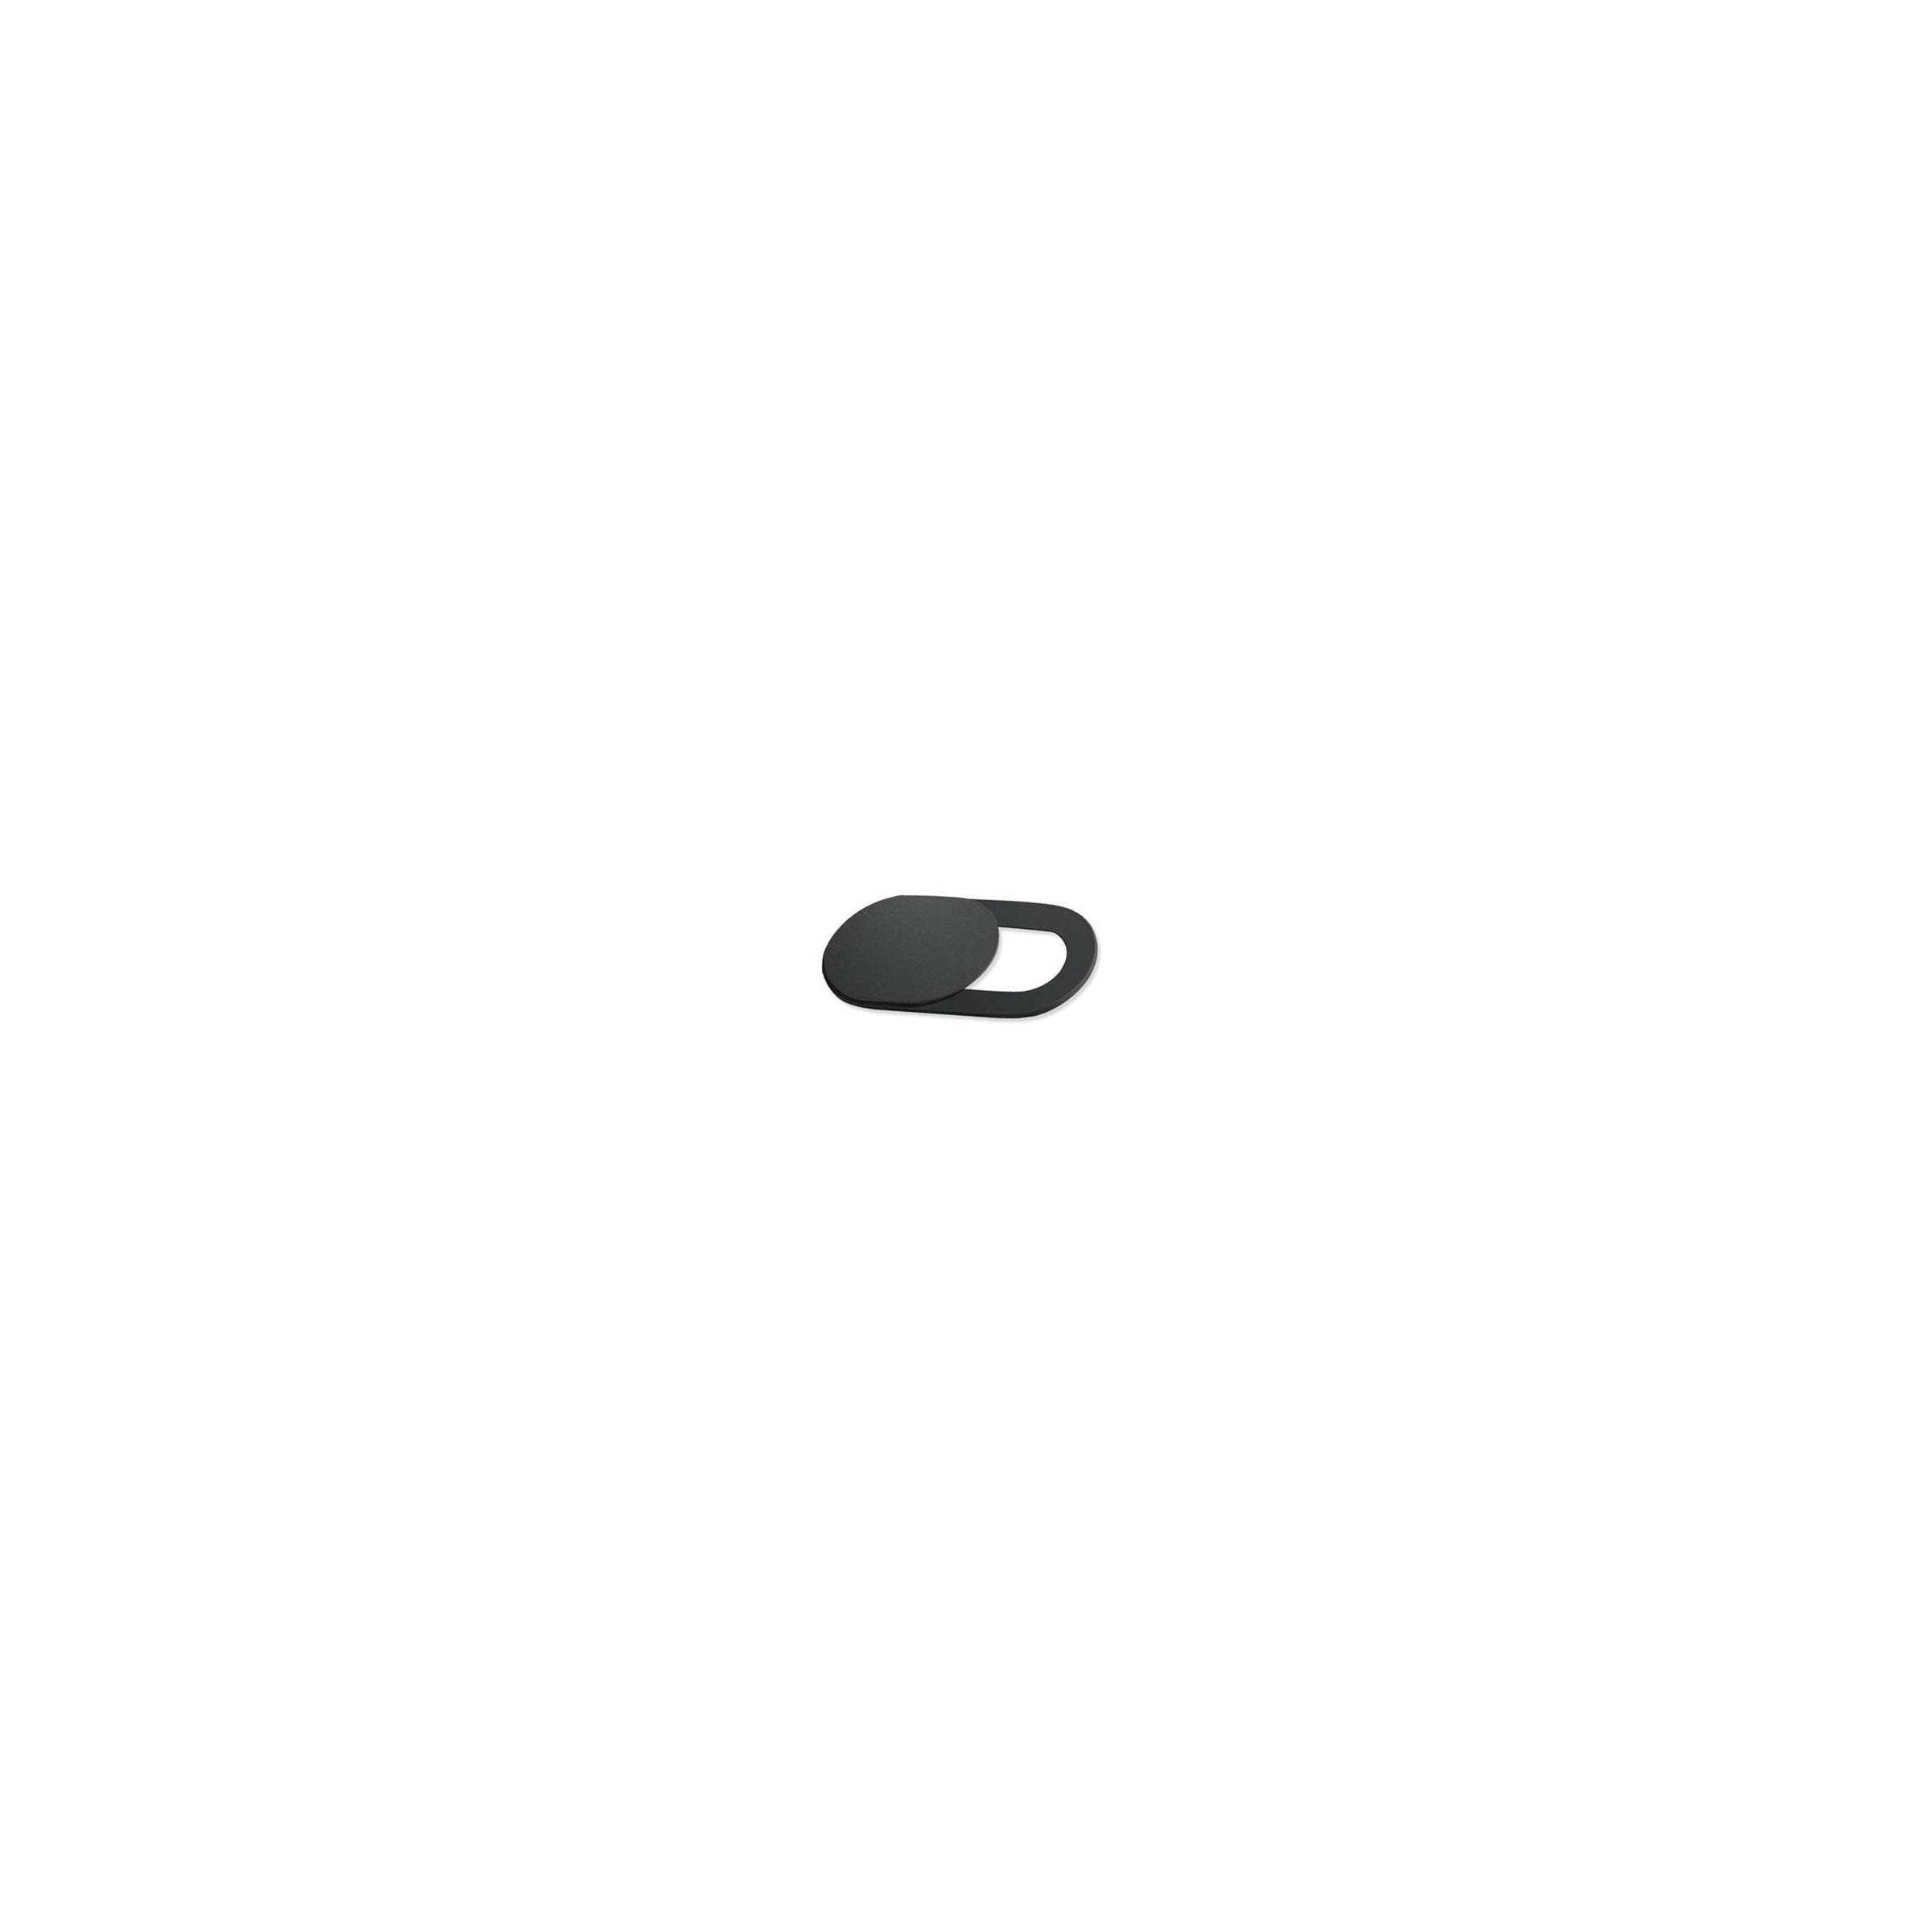 Webcam cover til macbook pro/air fra m7 fra m7 på mackabler.dk